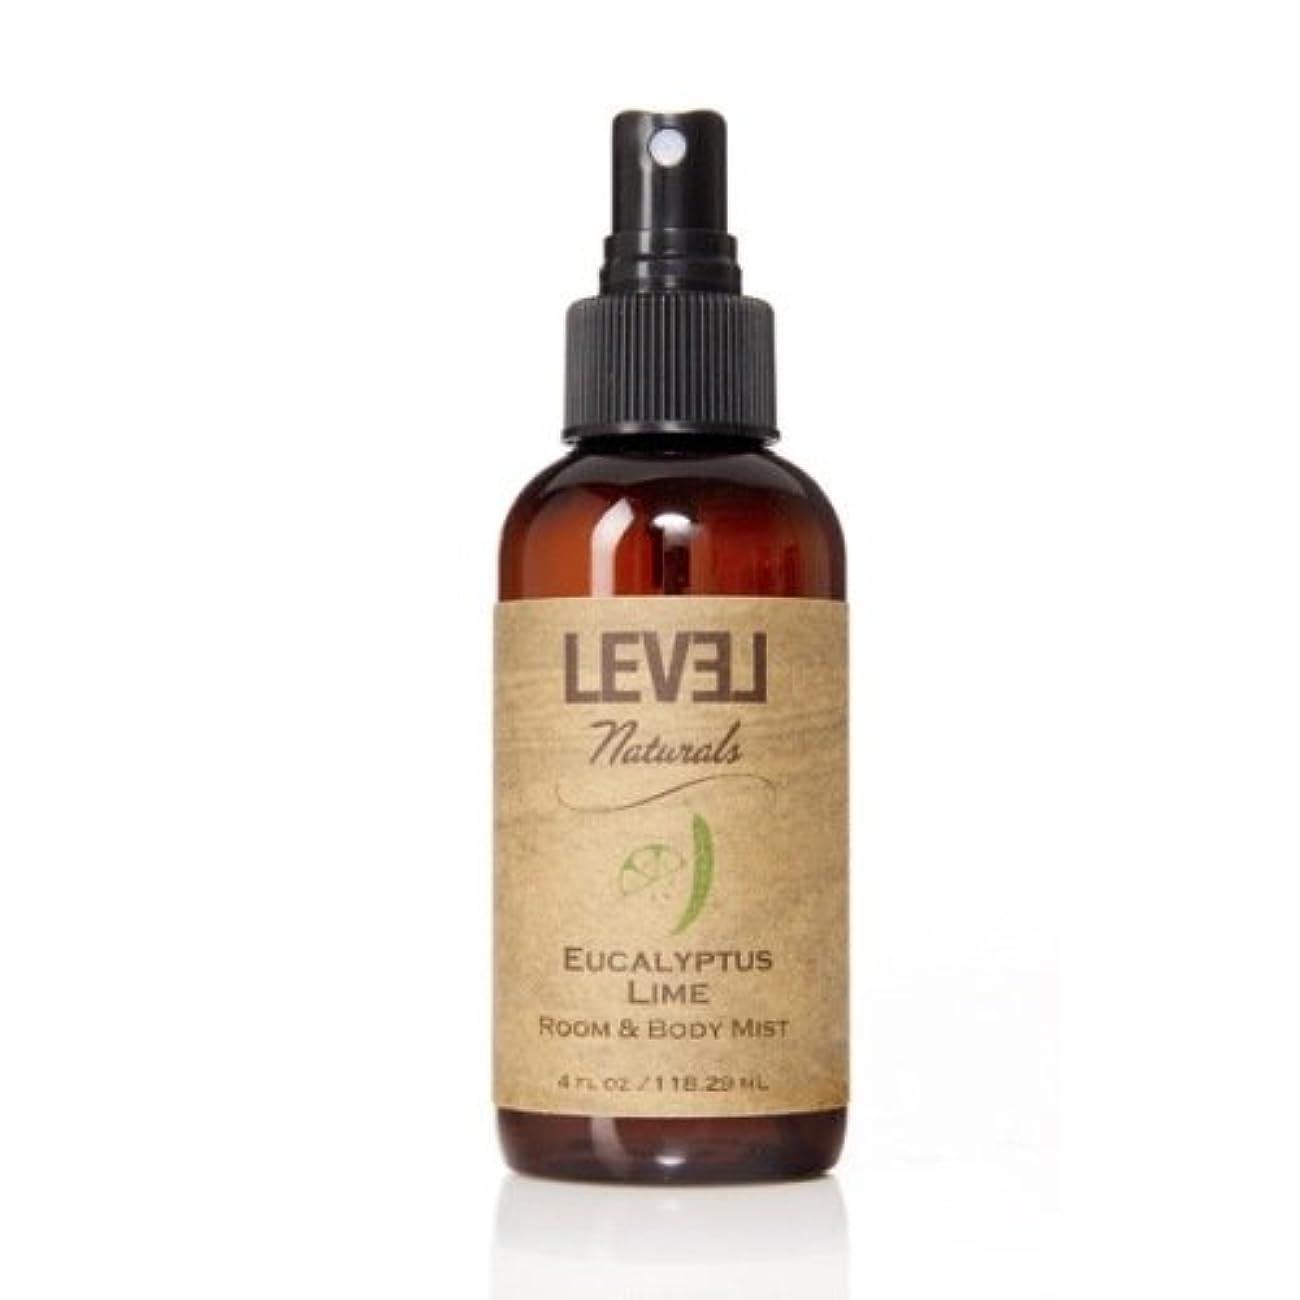 対立規制悲しむLEVEL Naturals レベルナチュラルズ ルーム&ボディミスト ユーカリプタスライム Eucalyptus Lime Room Body Mist